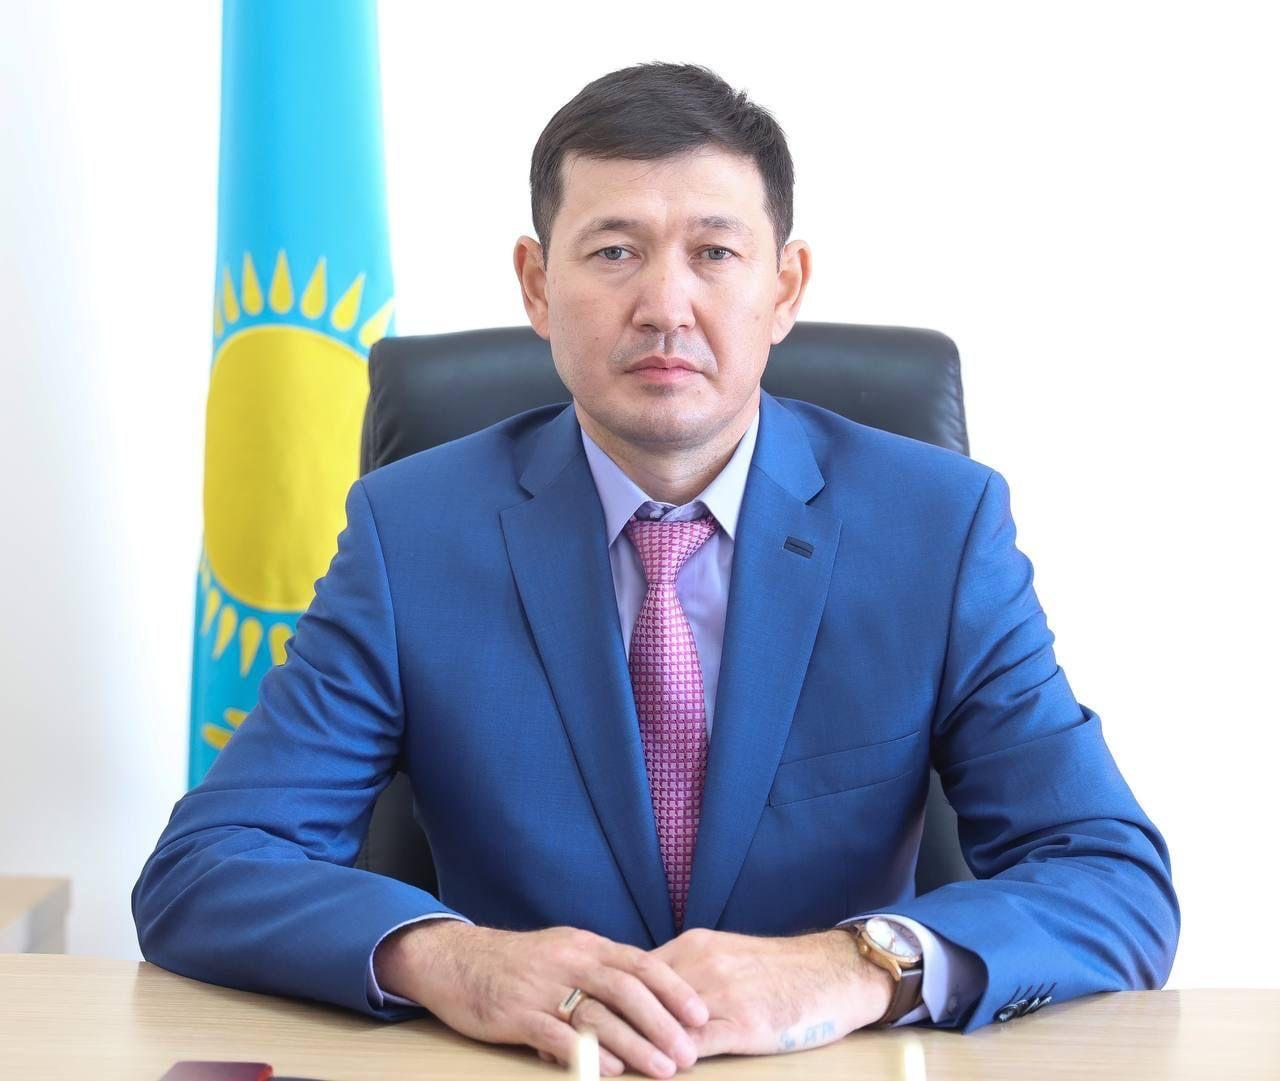 Ташимов Казбек Казиханович